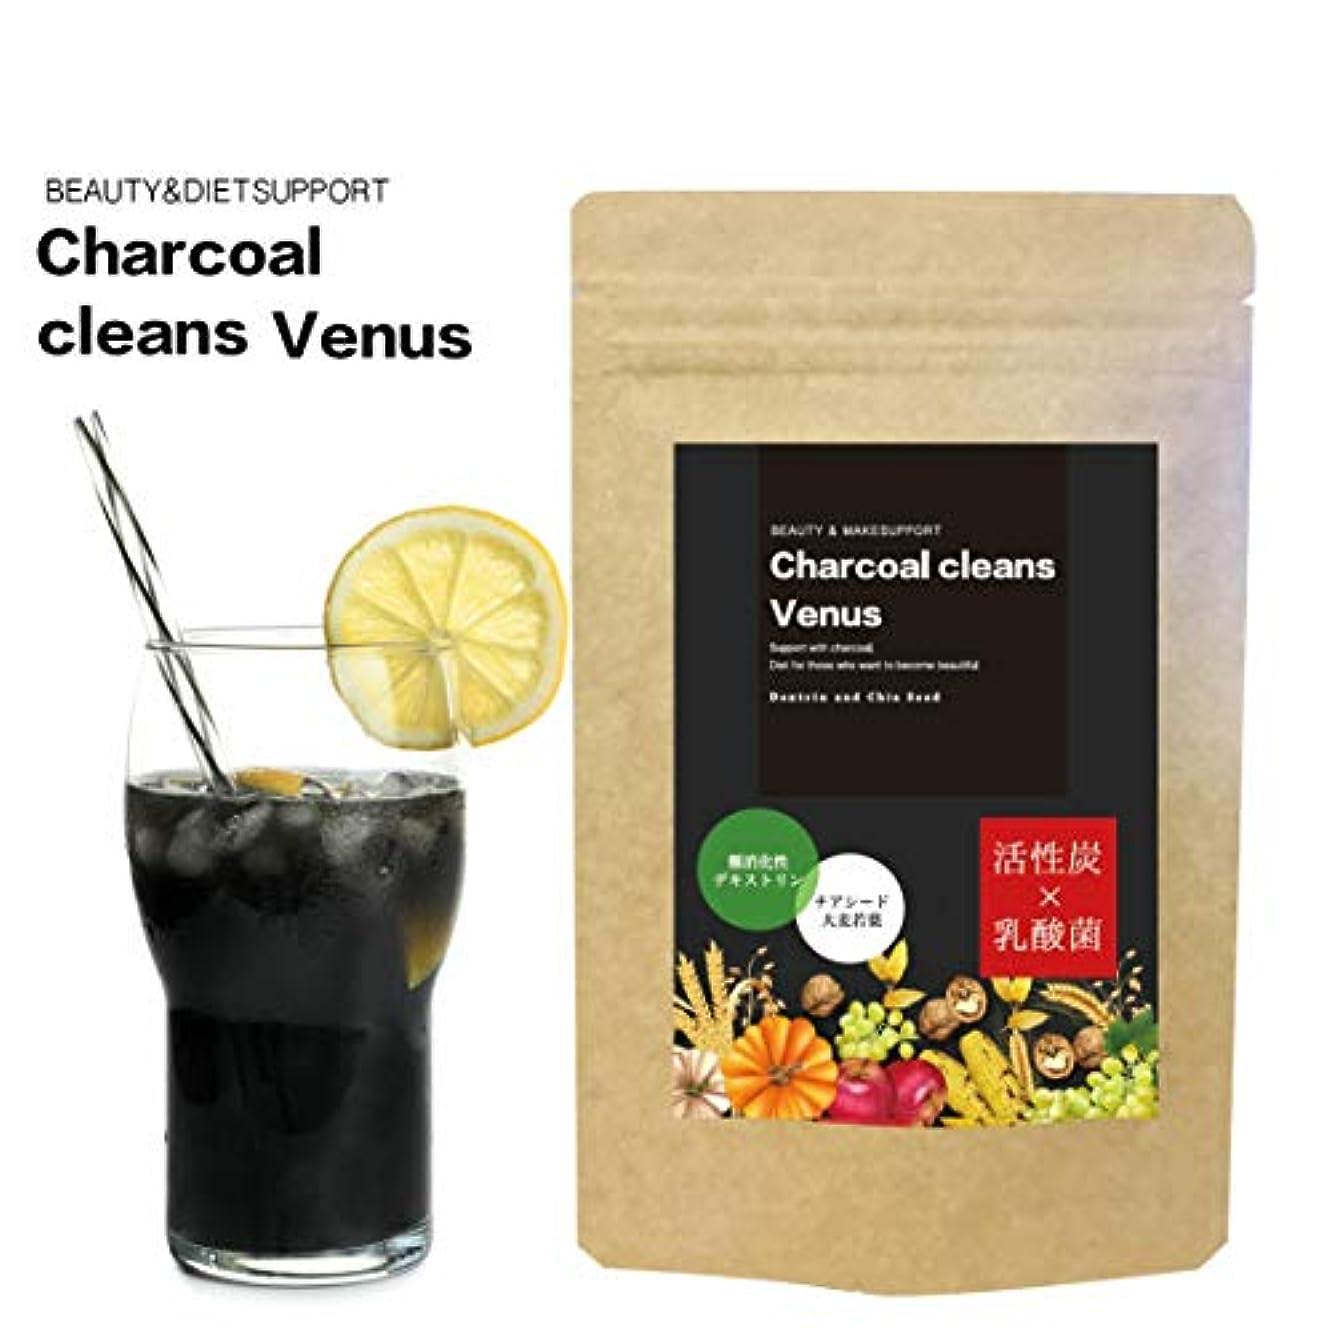 比類なきセレナしわ炭 デトックス & ダイエット 活性炭 + 乳酸菌 チャコールクレンズ ビーナス 約1ヶ月分 150g フルーツMIX味